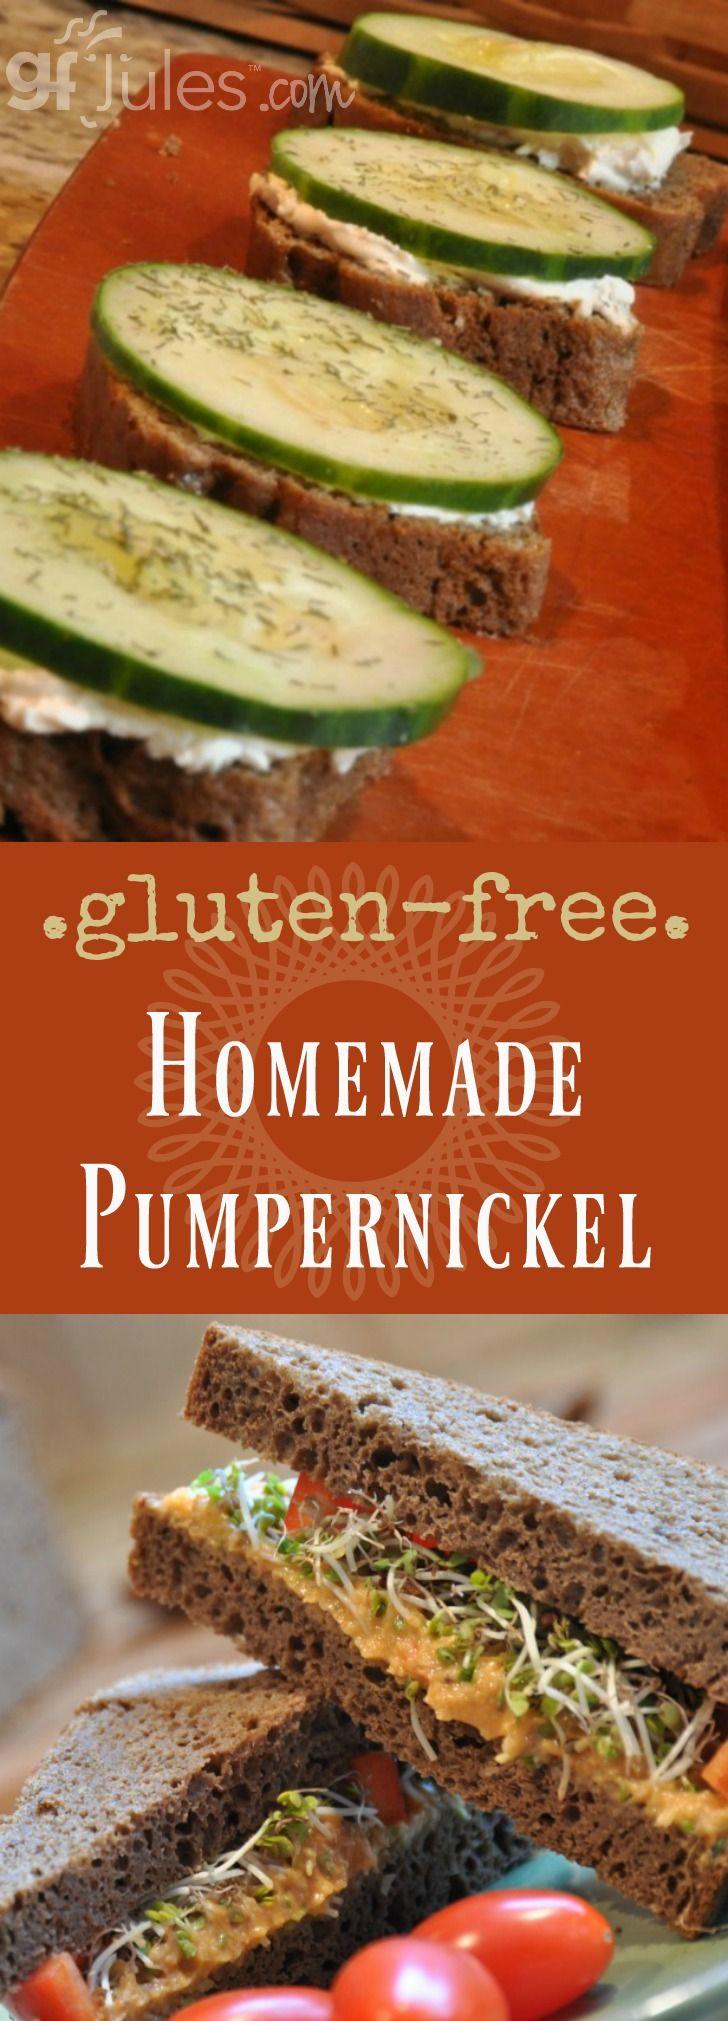 Homemade Gluten Free Pumpernickel Bread gfJules.com